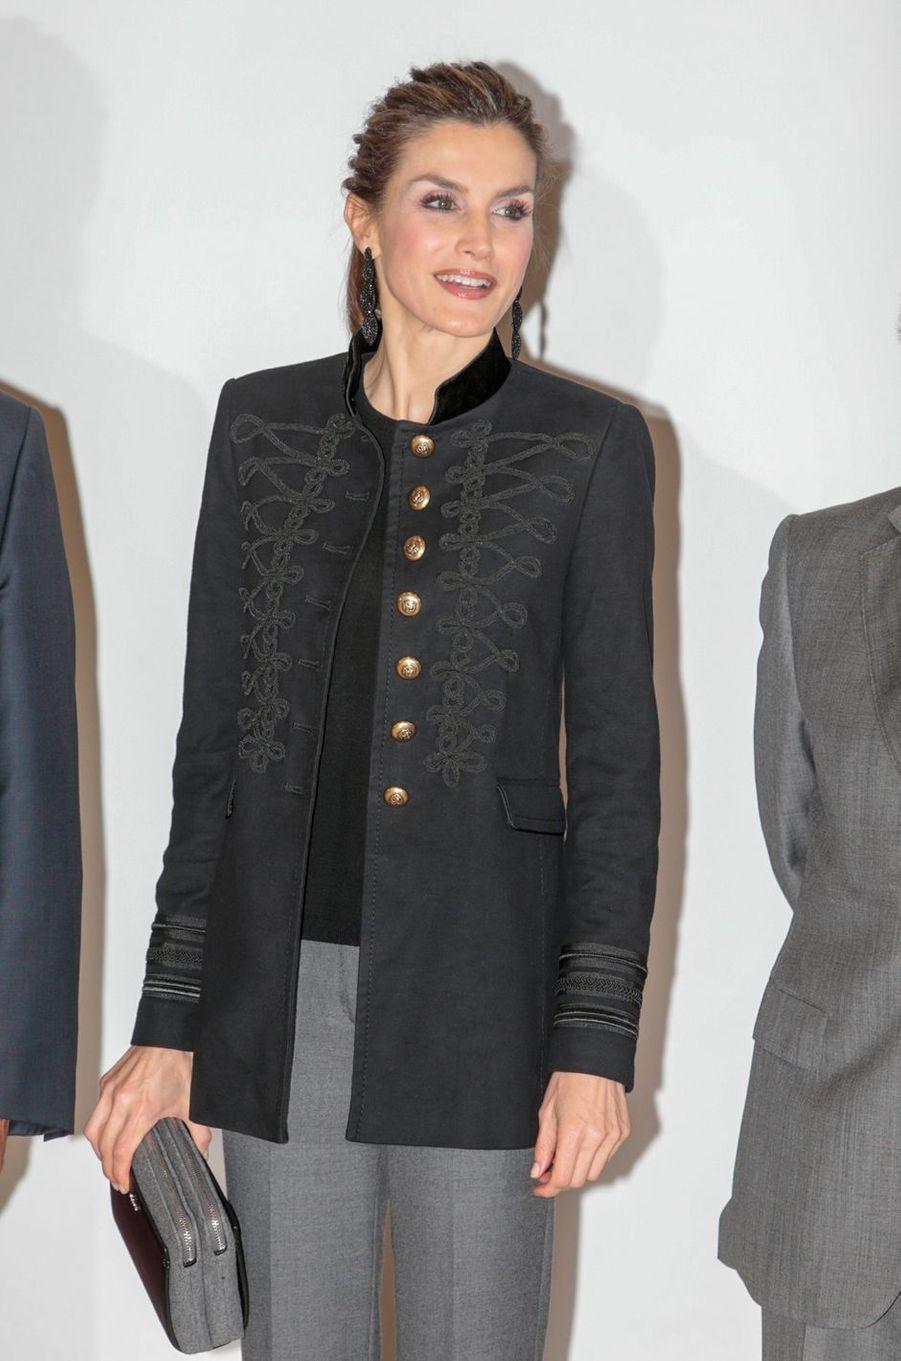 La reine Letizia d'Espagne à la Fondation Champalimaud à Lisbonne, le 30 novembre 2016